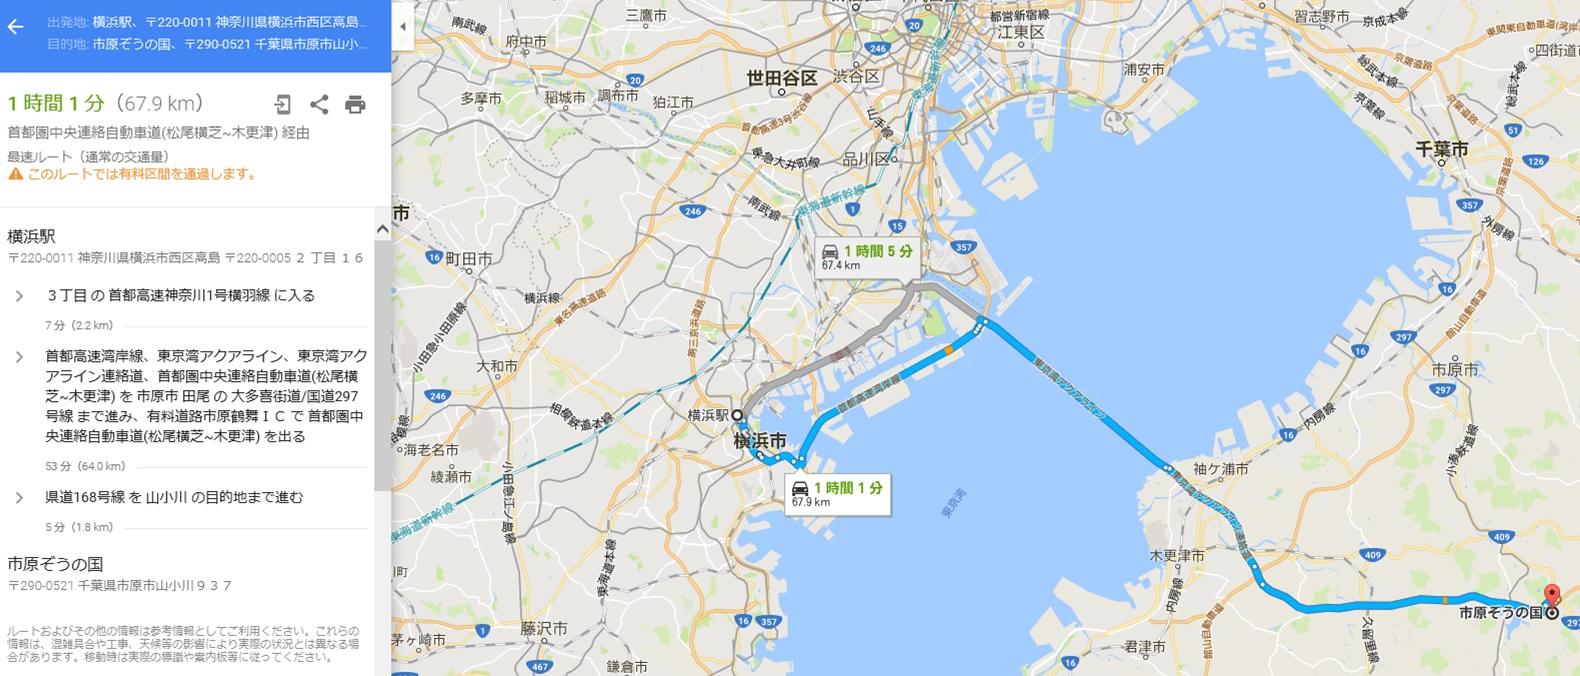 横浜駅からぞうの国へのアクセス(車)の画像